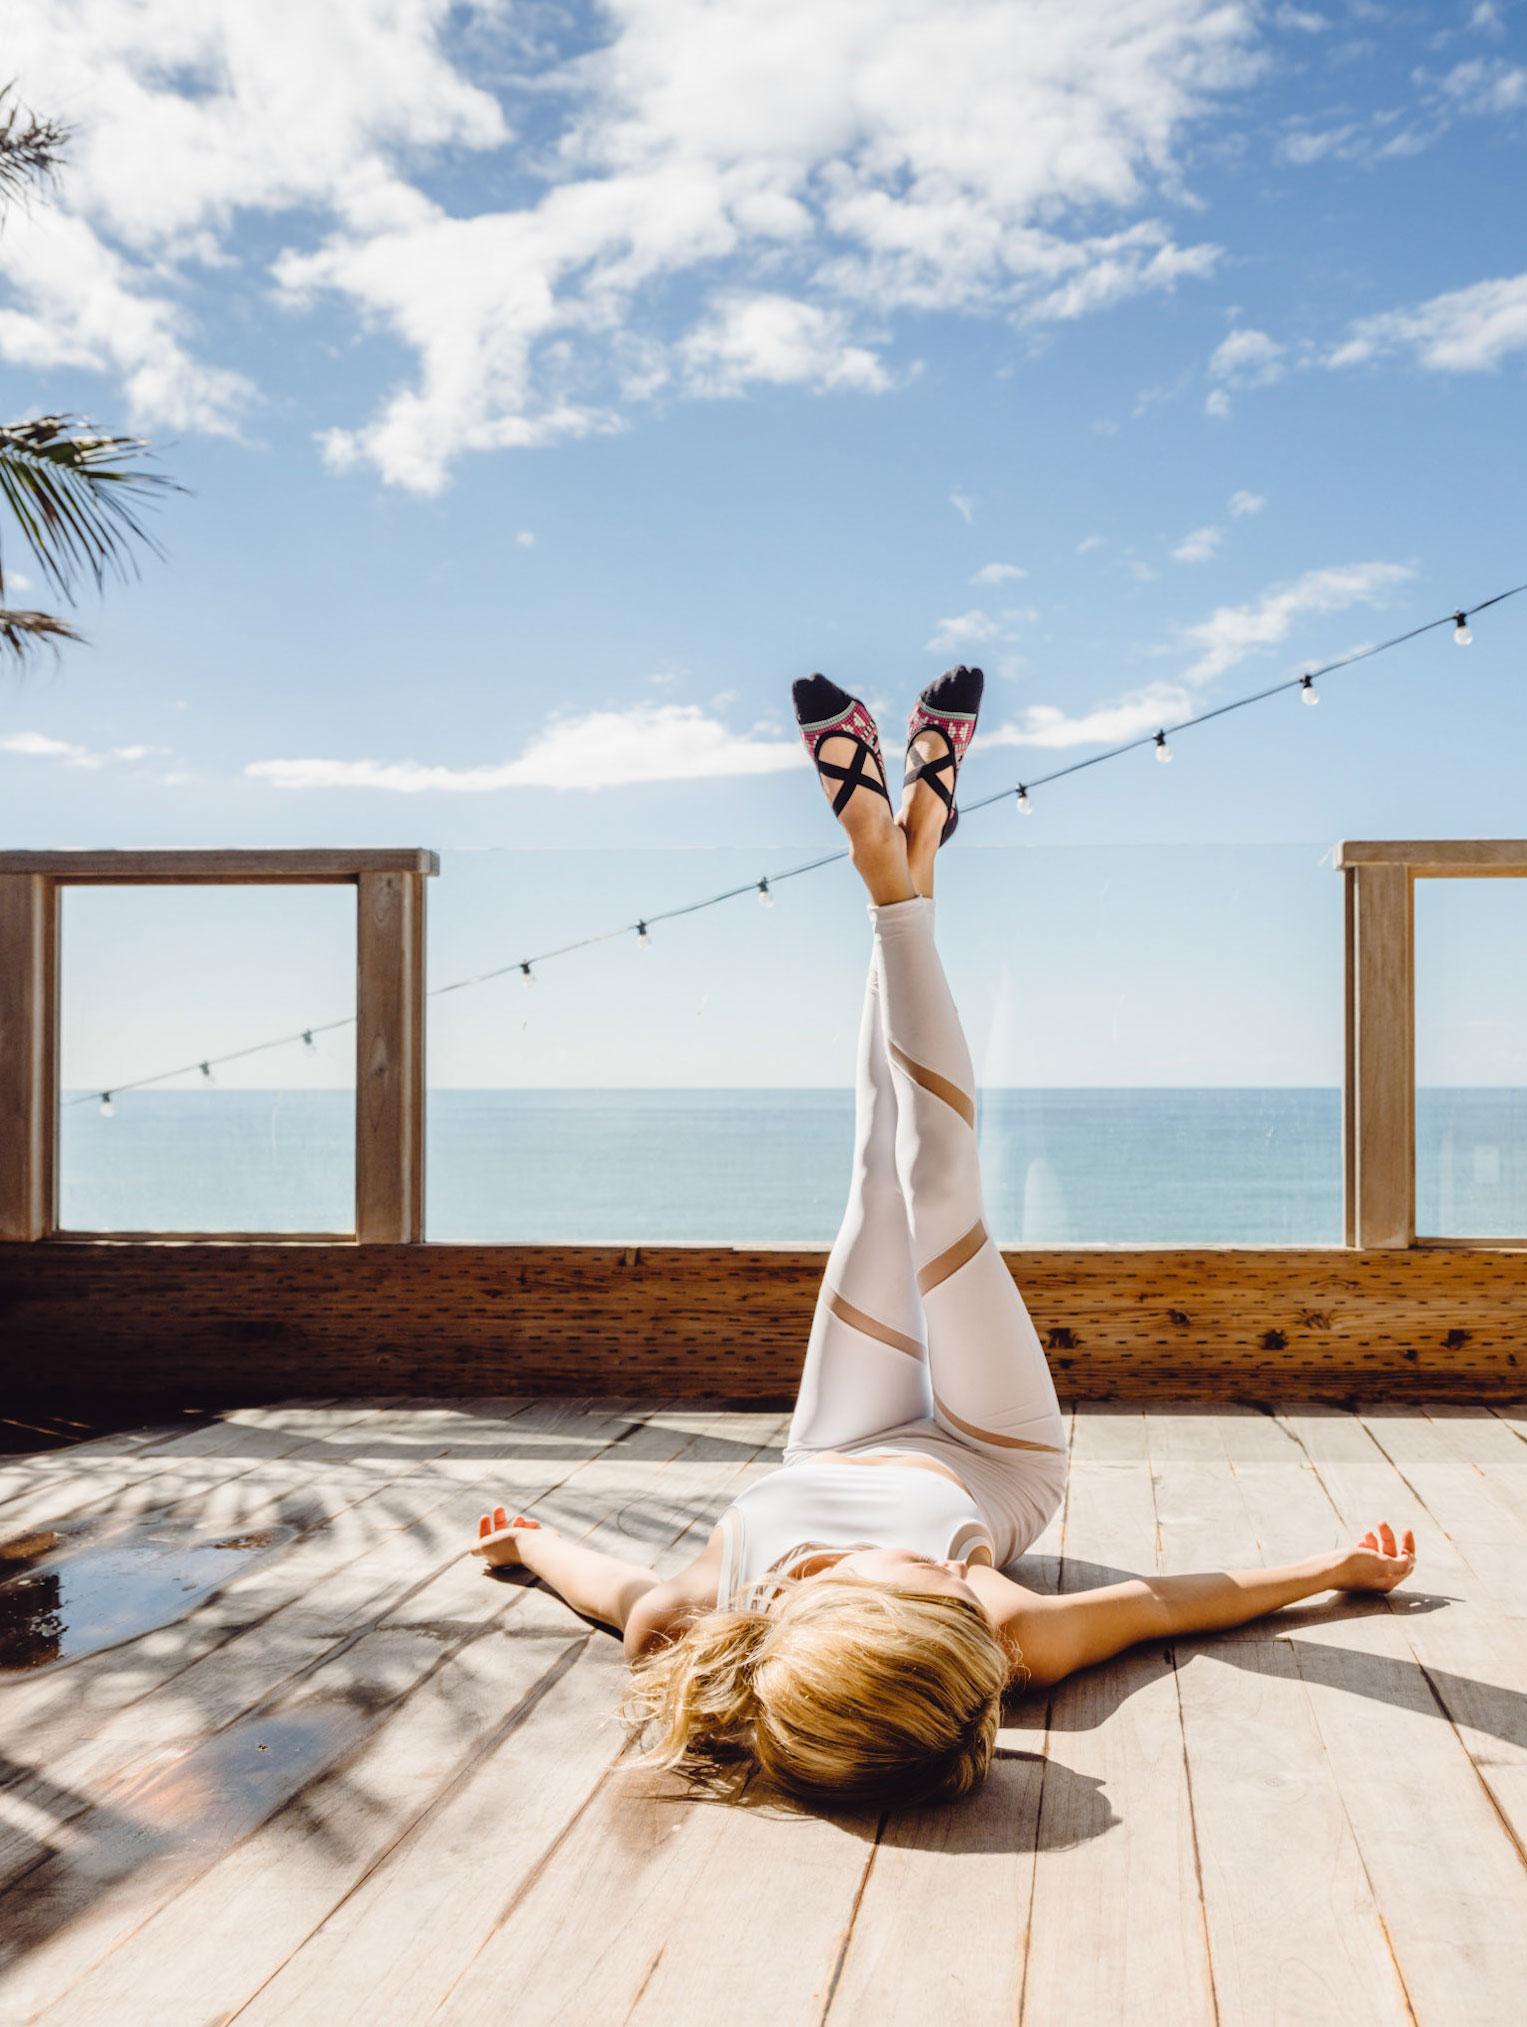 носки для спорта и отдыха из модной коллекции Tavi Noir spring-summer 2019 / Natazha McDuffie by Paul Schefz